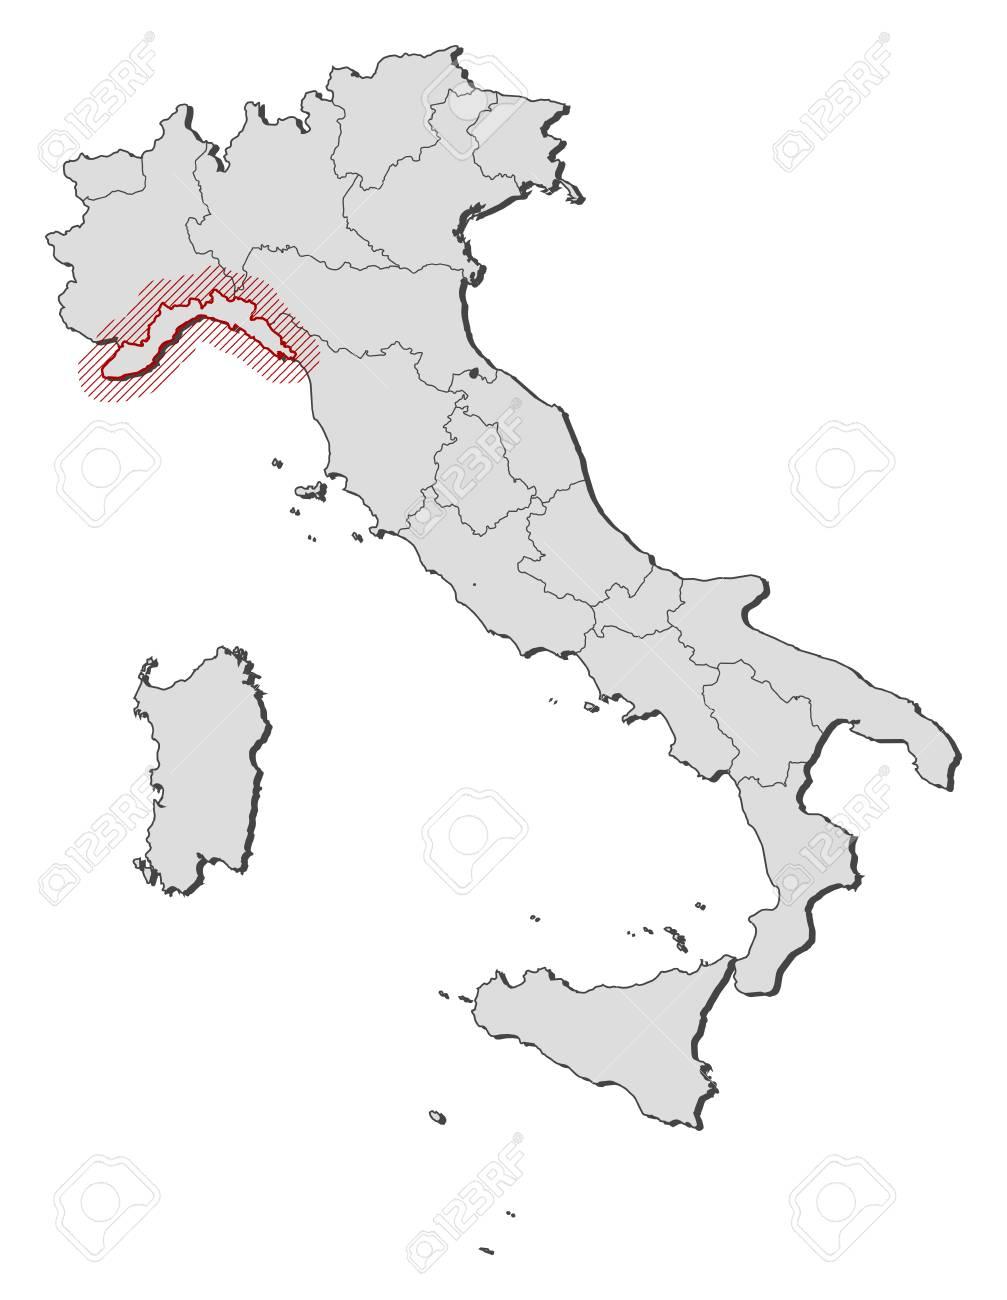 Cartina Liguria Con Province.Vettoriale Mappa D Italia Con Le Province La Liguria E Evidenziato Da Un Tratteggio Image 58074064